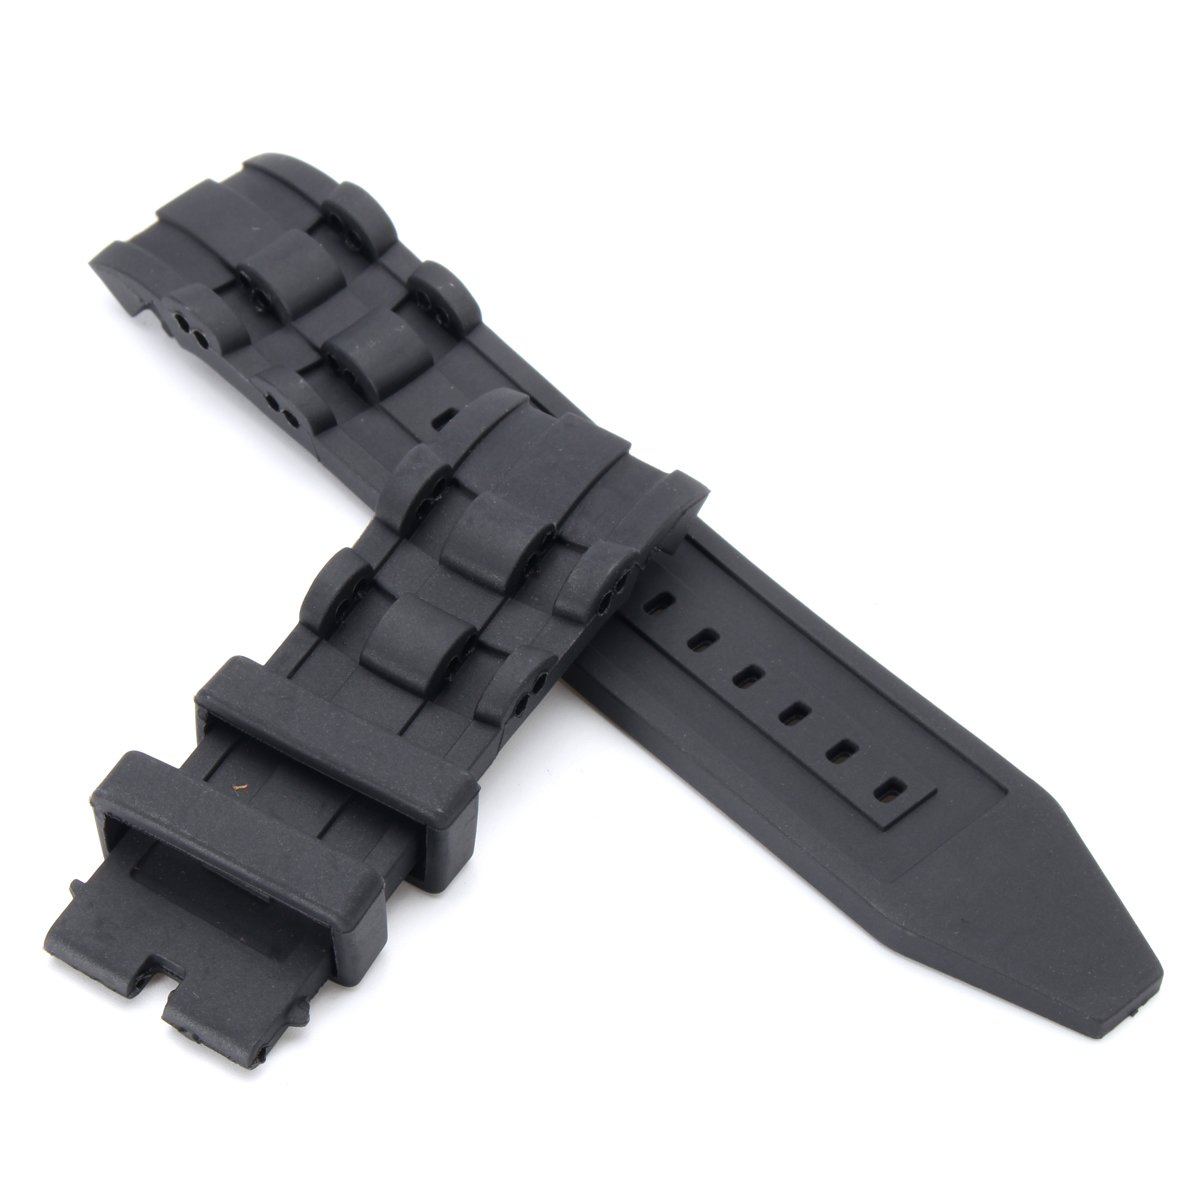 QOJA 26mm rubber black watch band strap for invicta pro diver 6977-6978-6981-6983